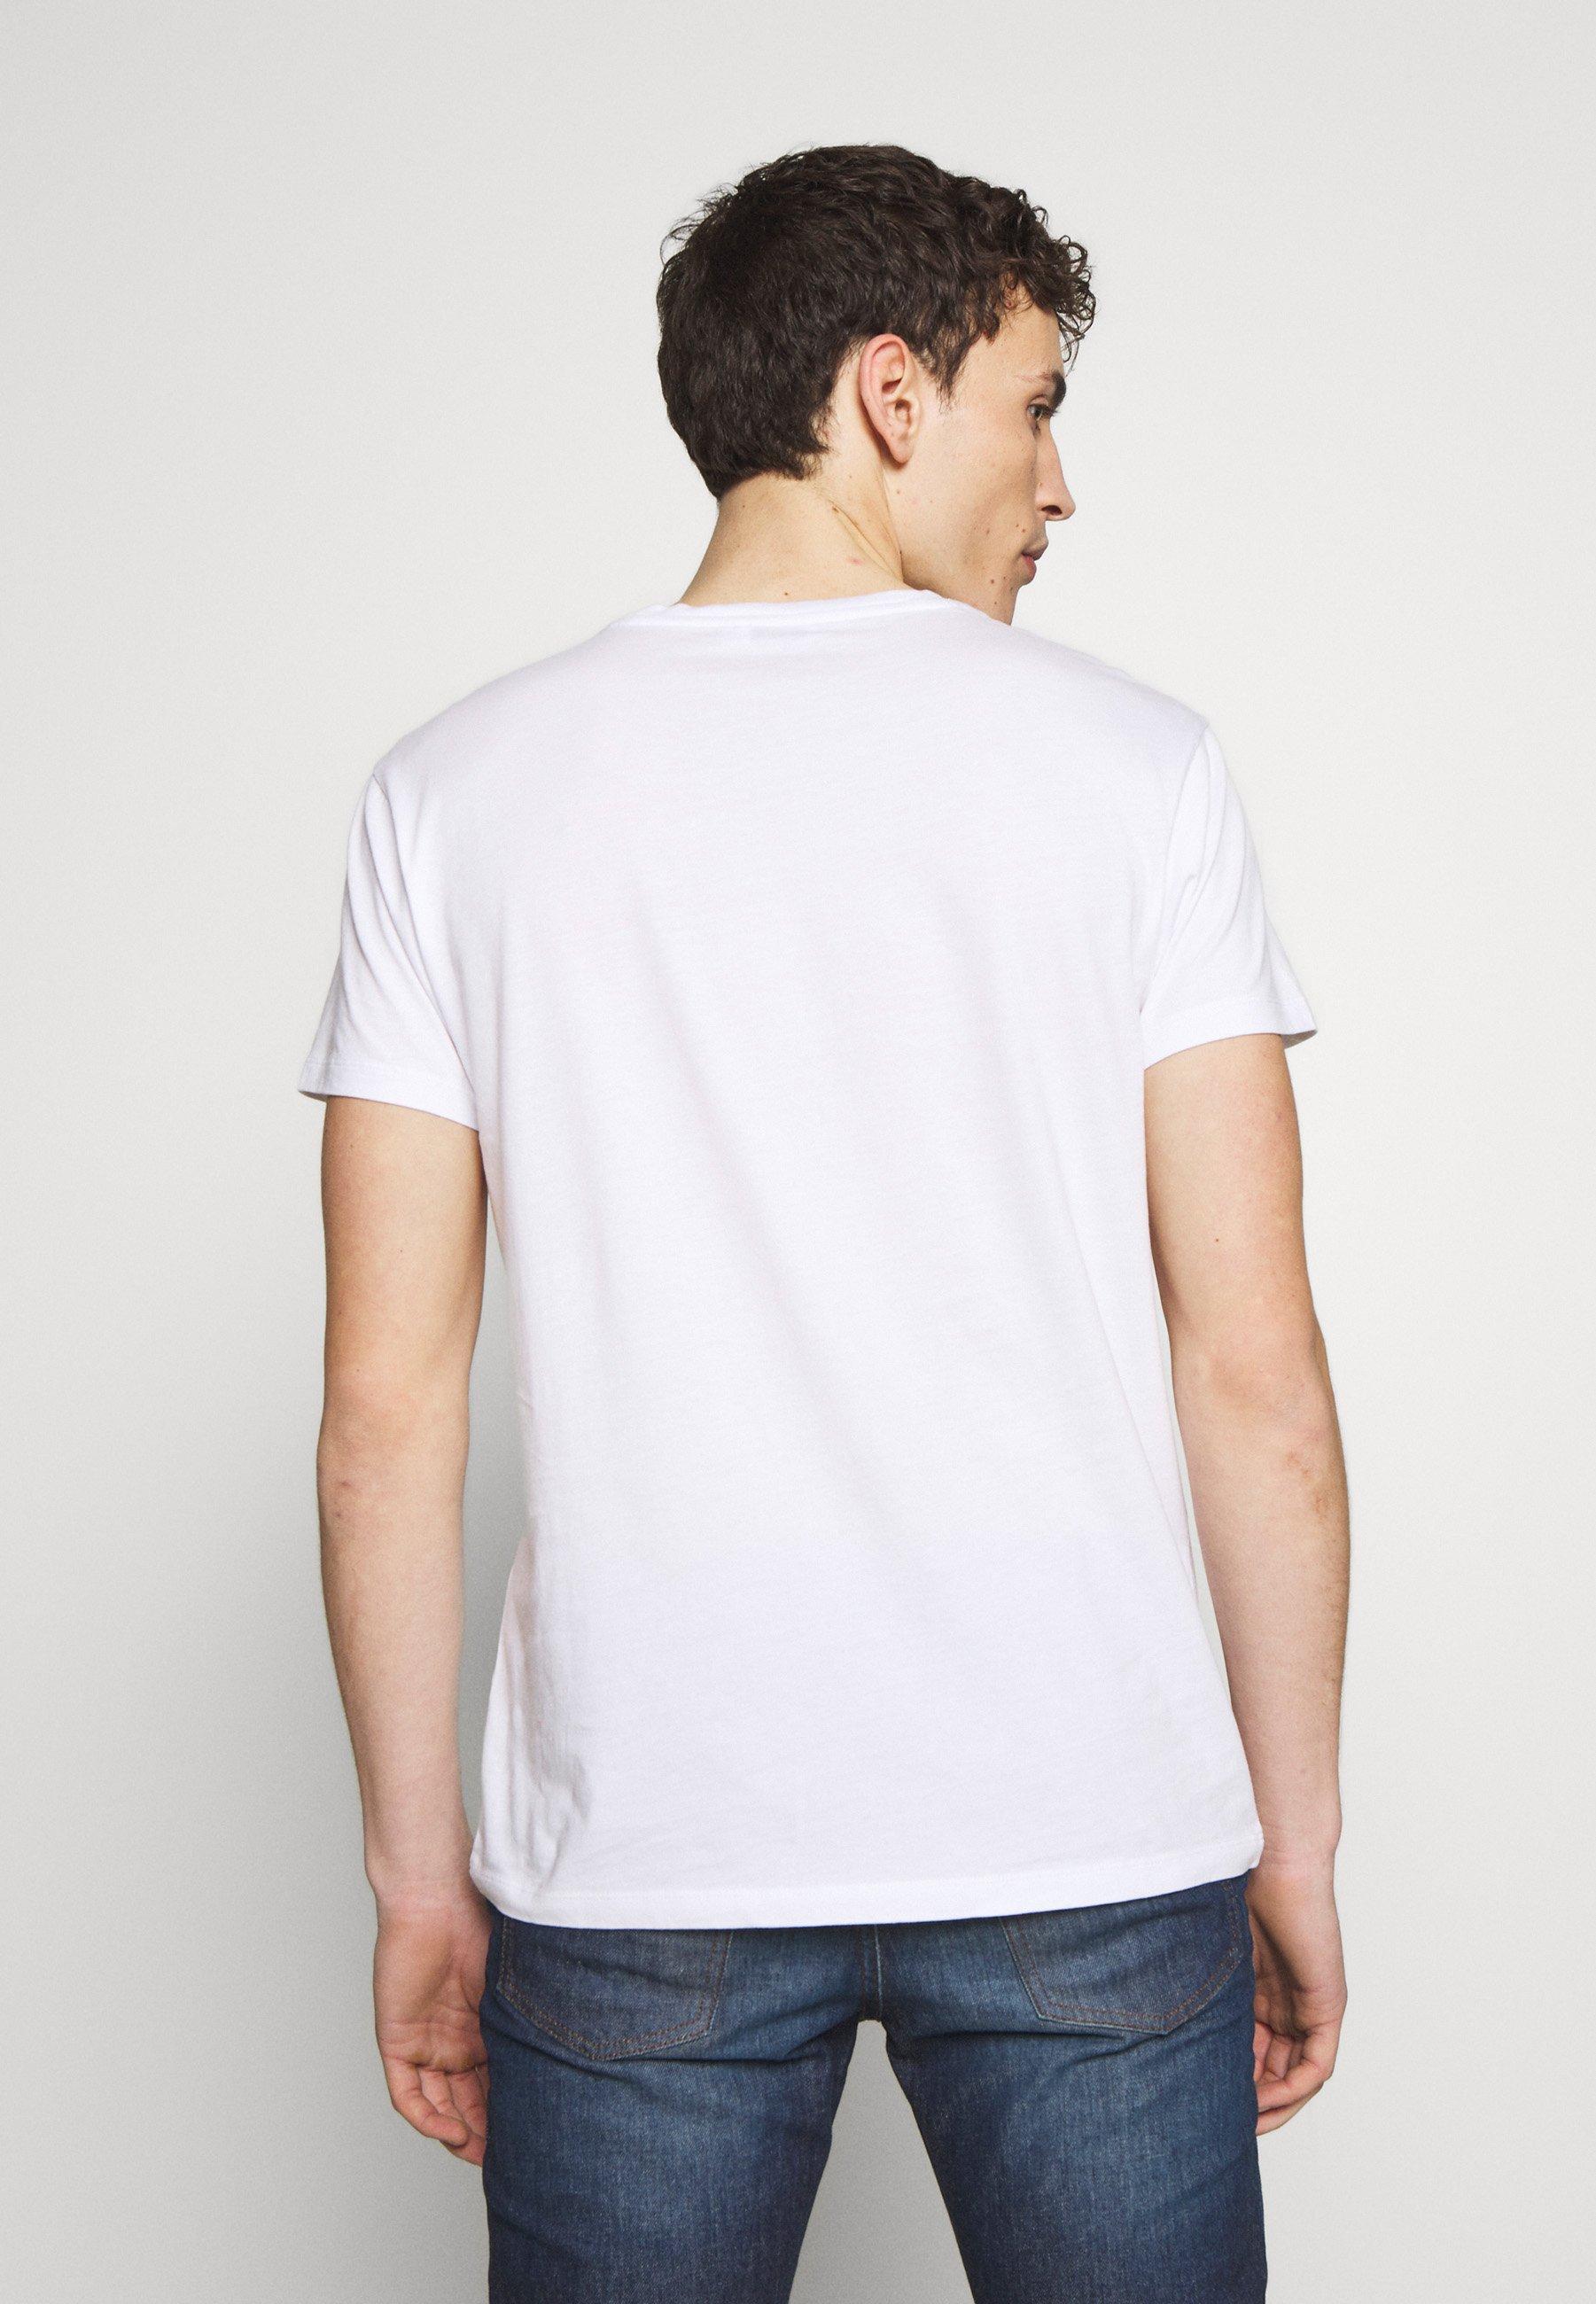 Closed T-shirt - Bas White SDQBPrl